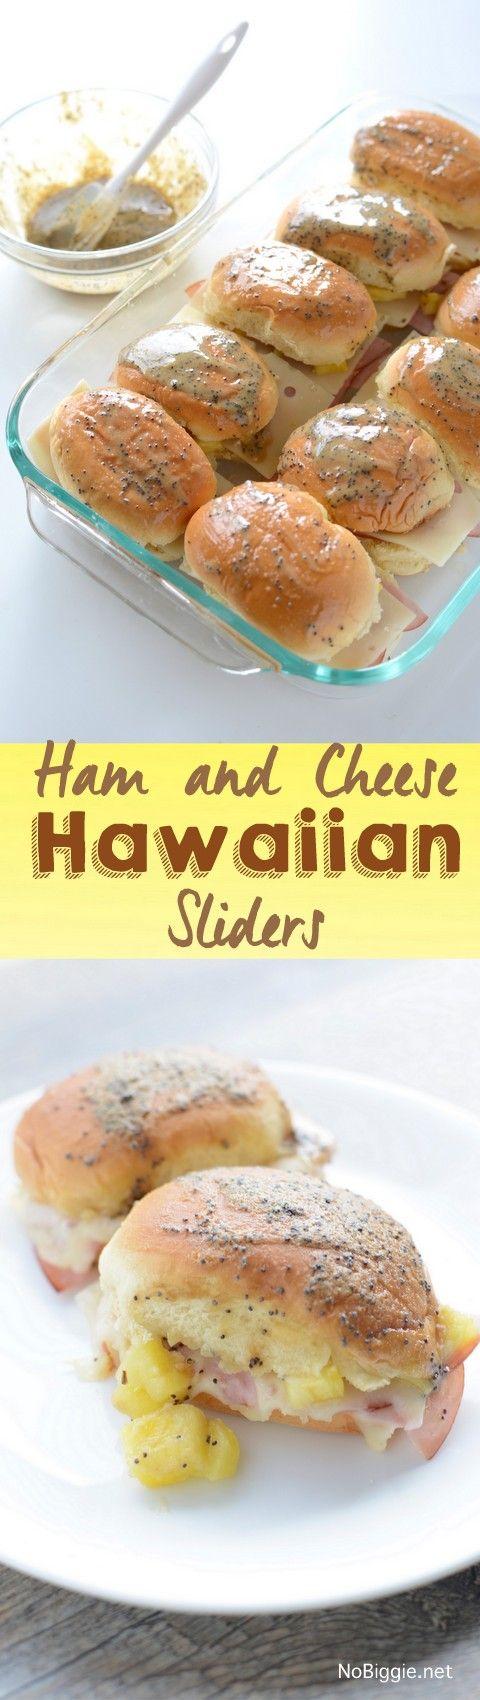 Ham and Cheese Hawaiian Sliders | NoBiggie.net